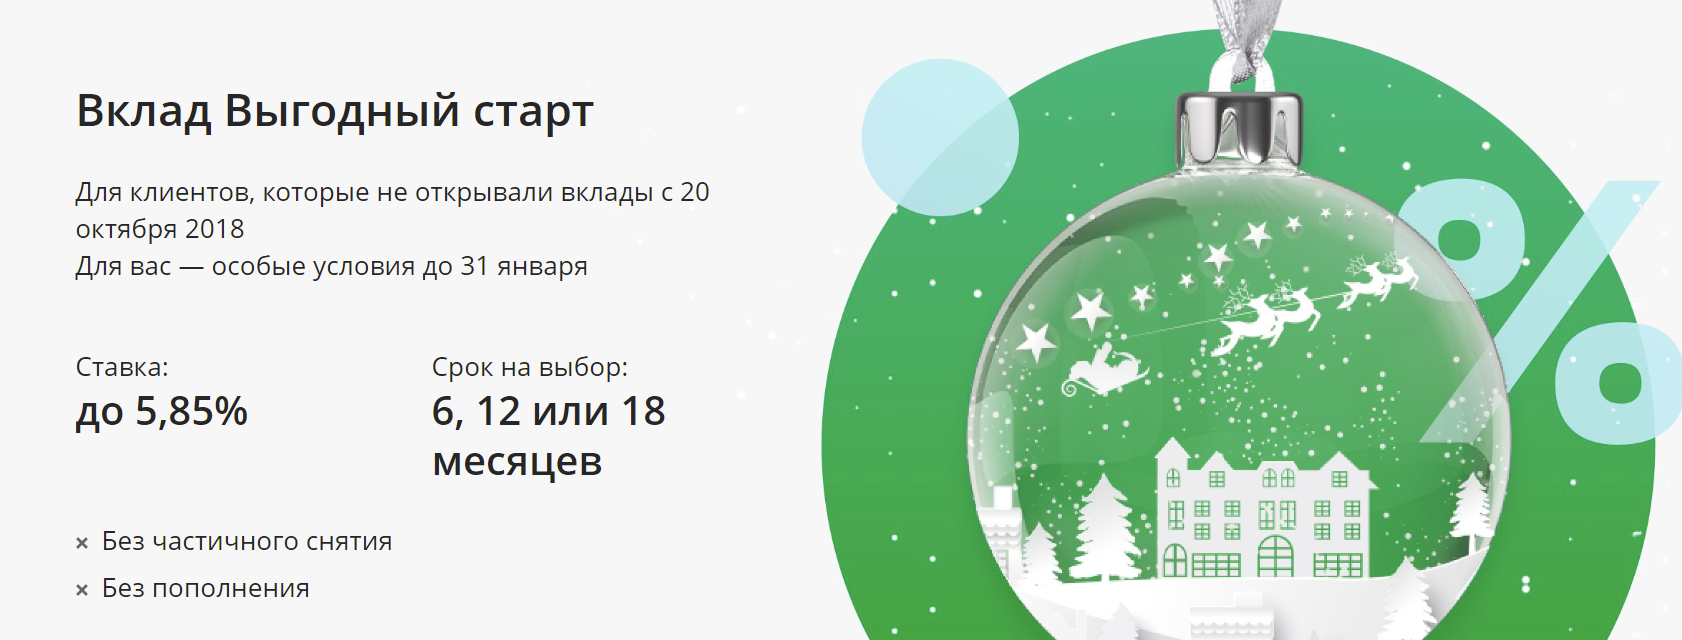 Новогодняя акция по вкладам в рублях в Сбербанке